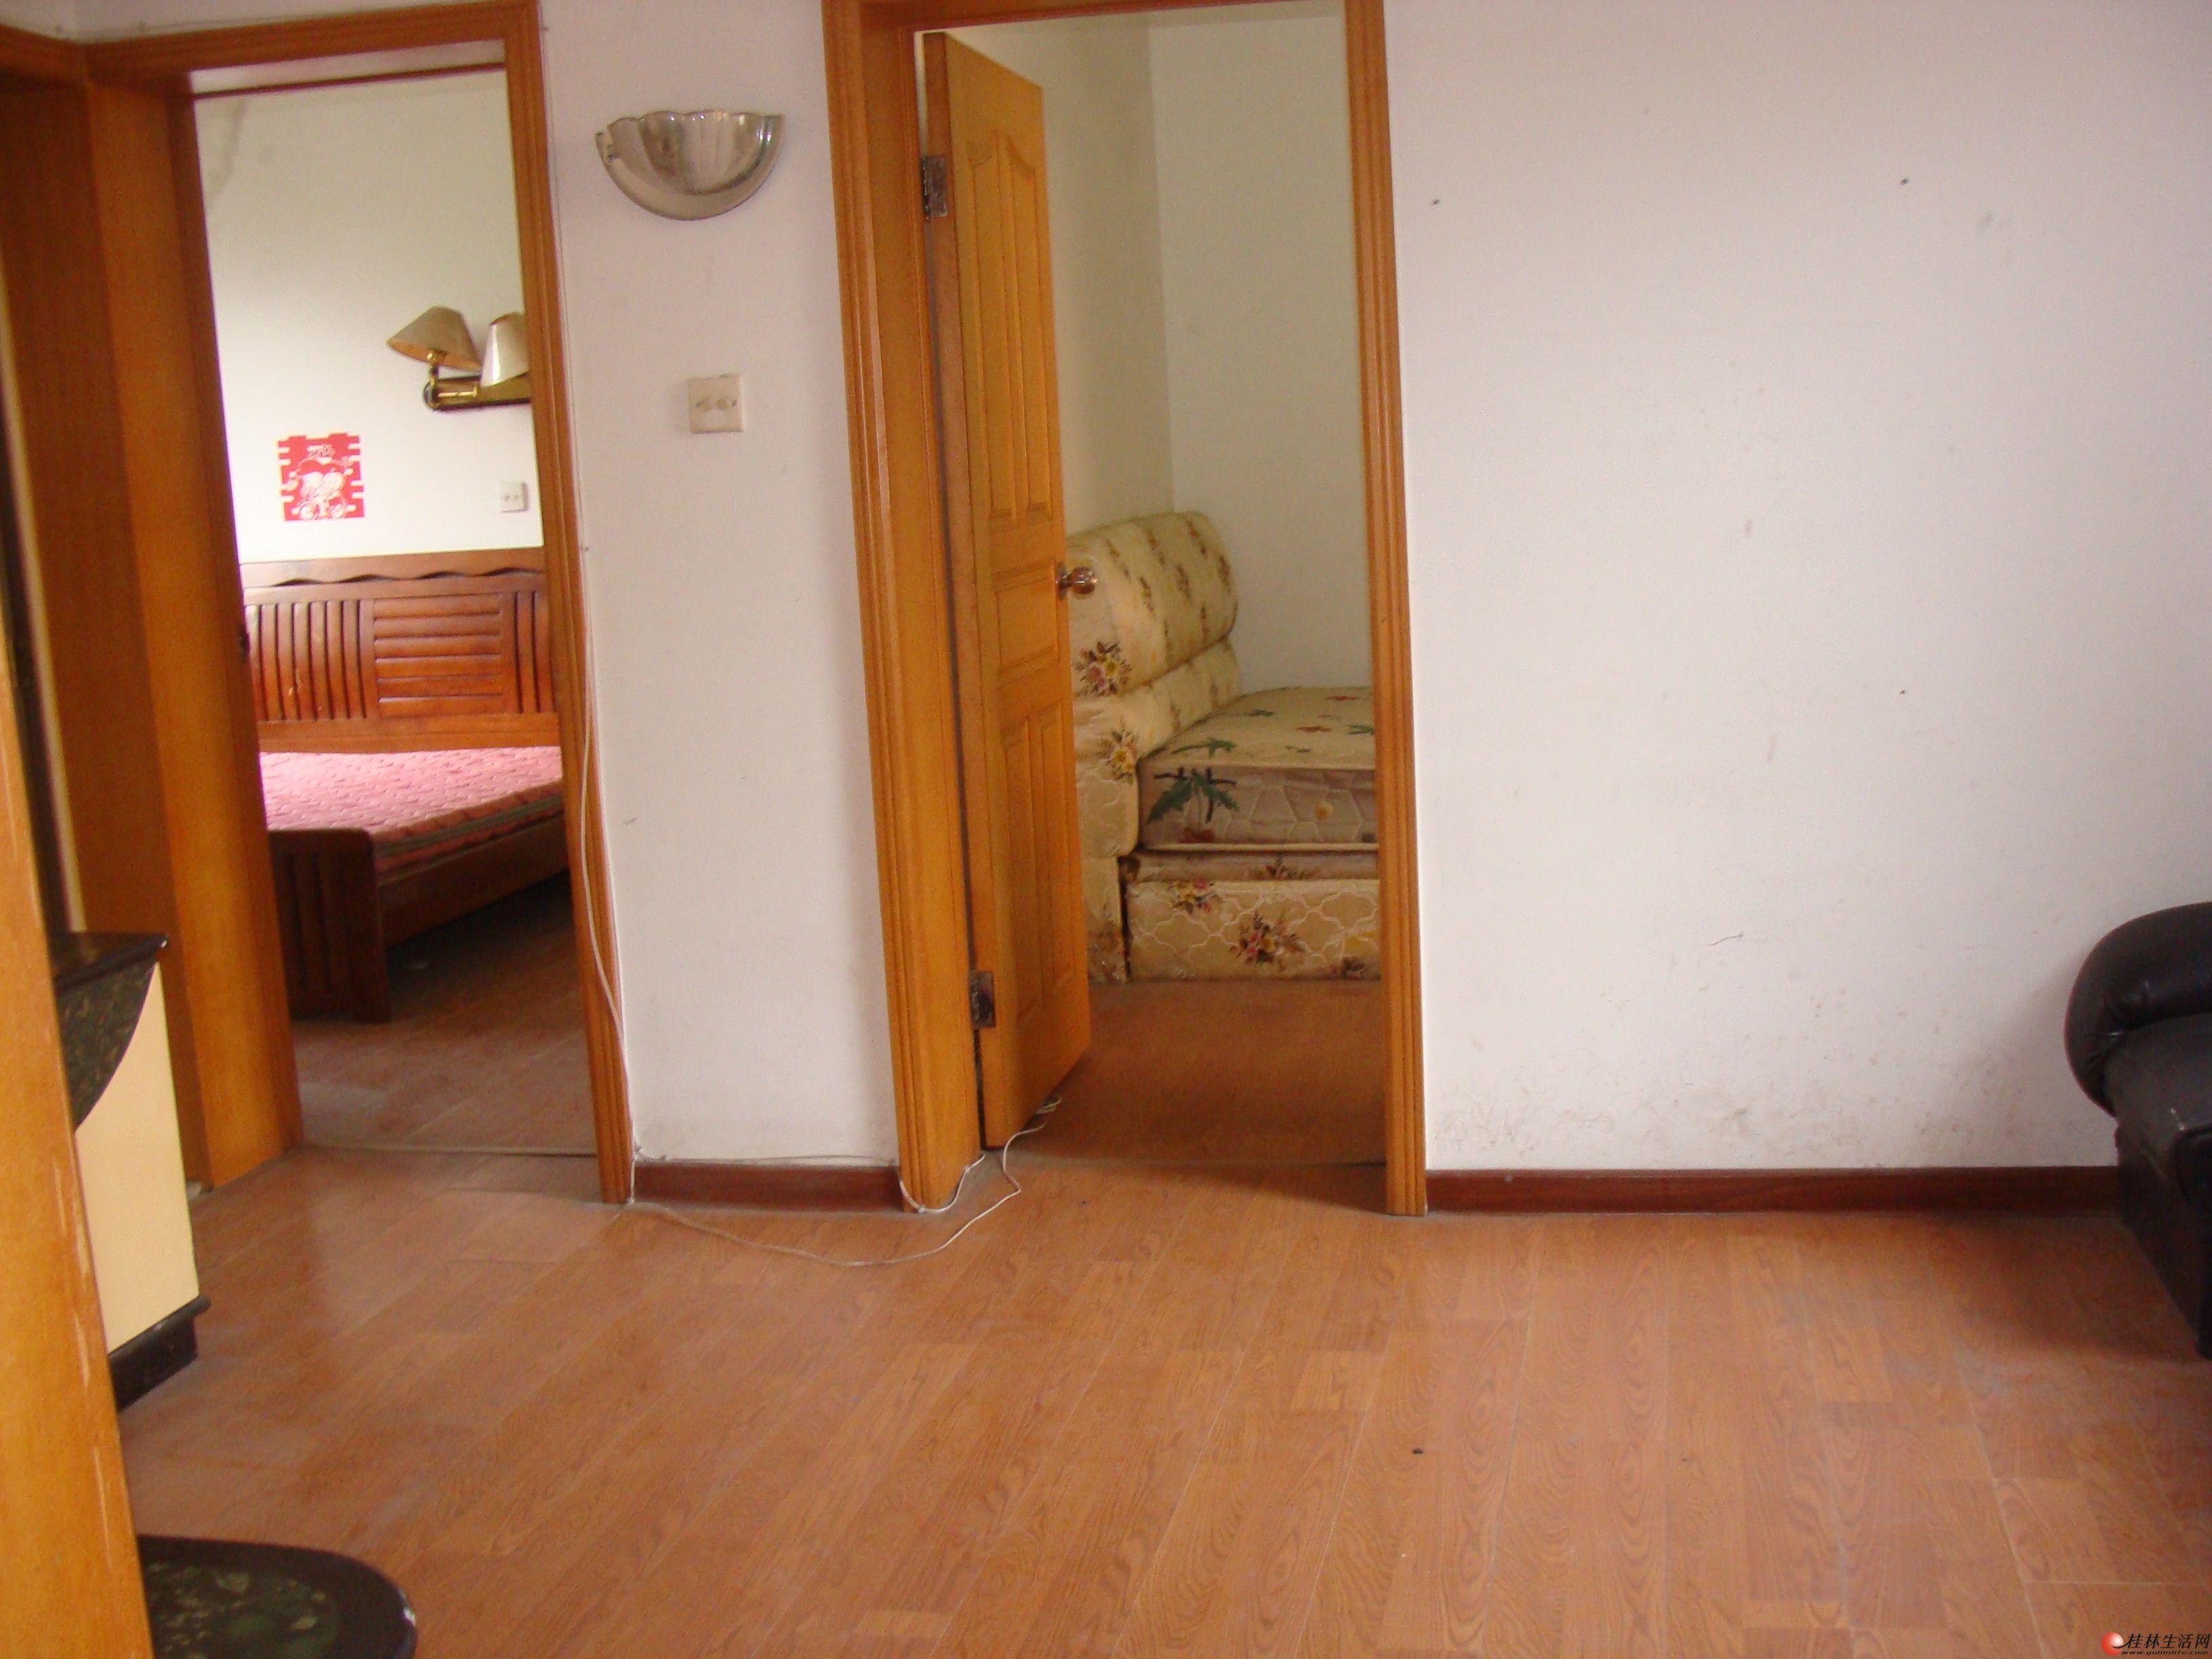 桃花新村小区 4楼二房一厅60平米有冰箱电视热水器家具齐全出租800元